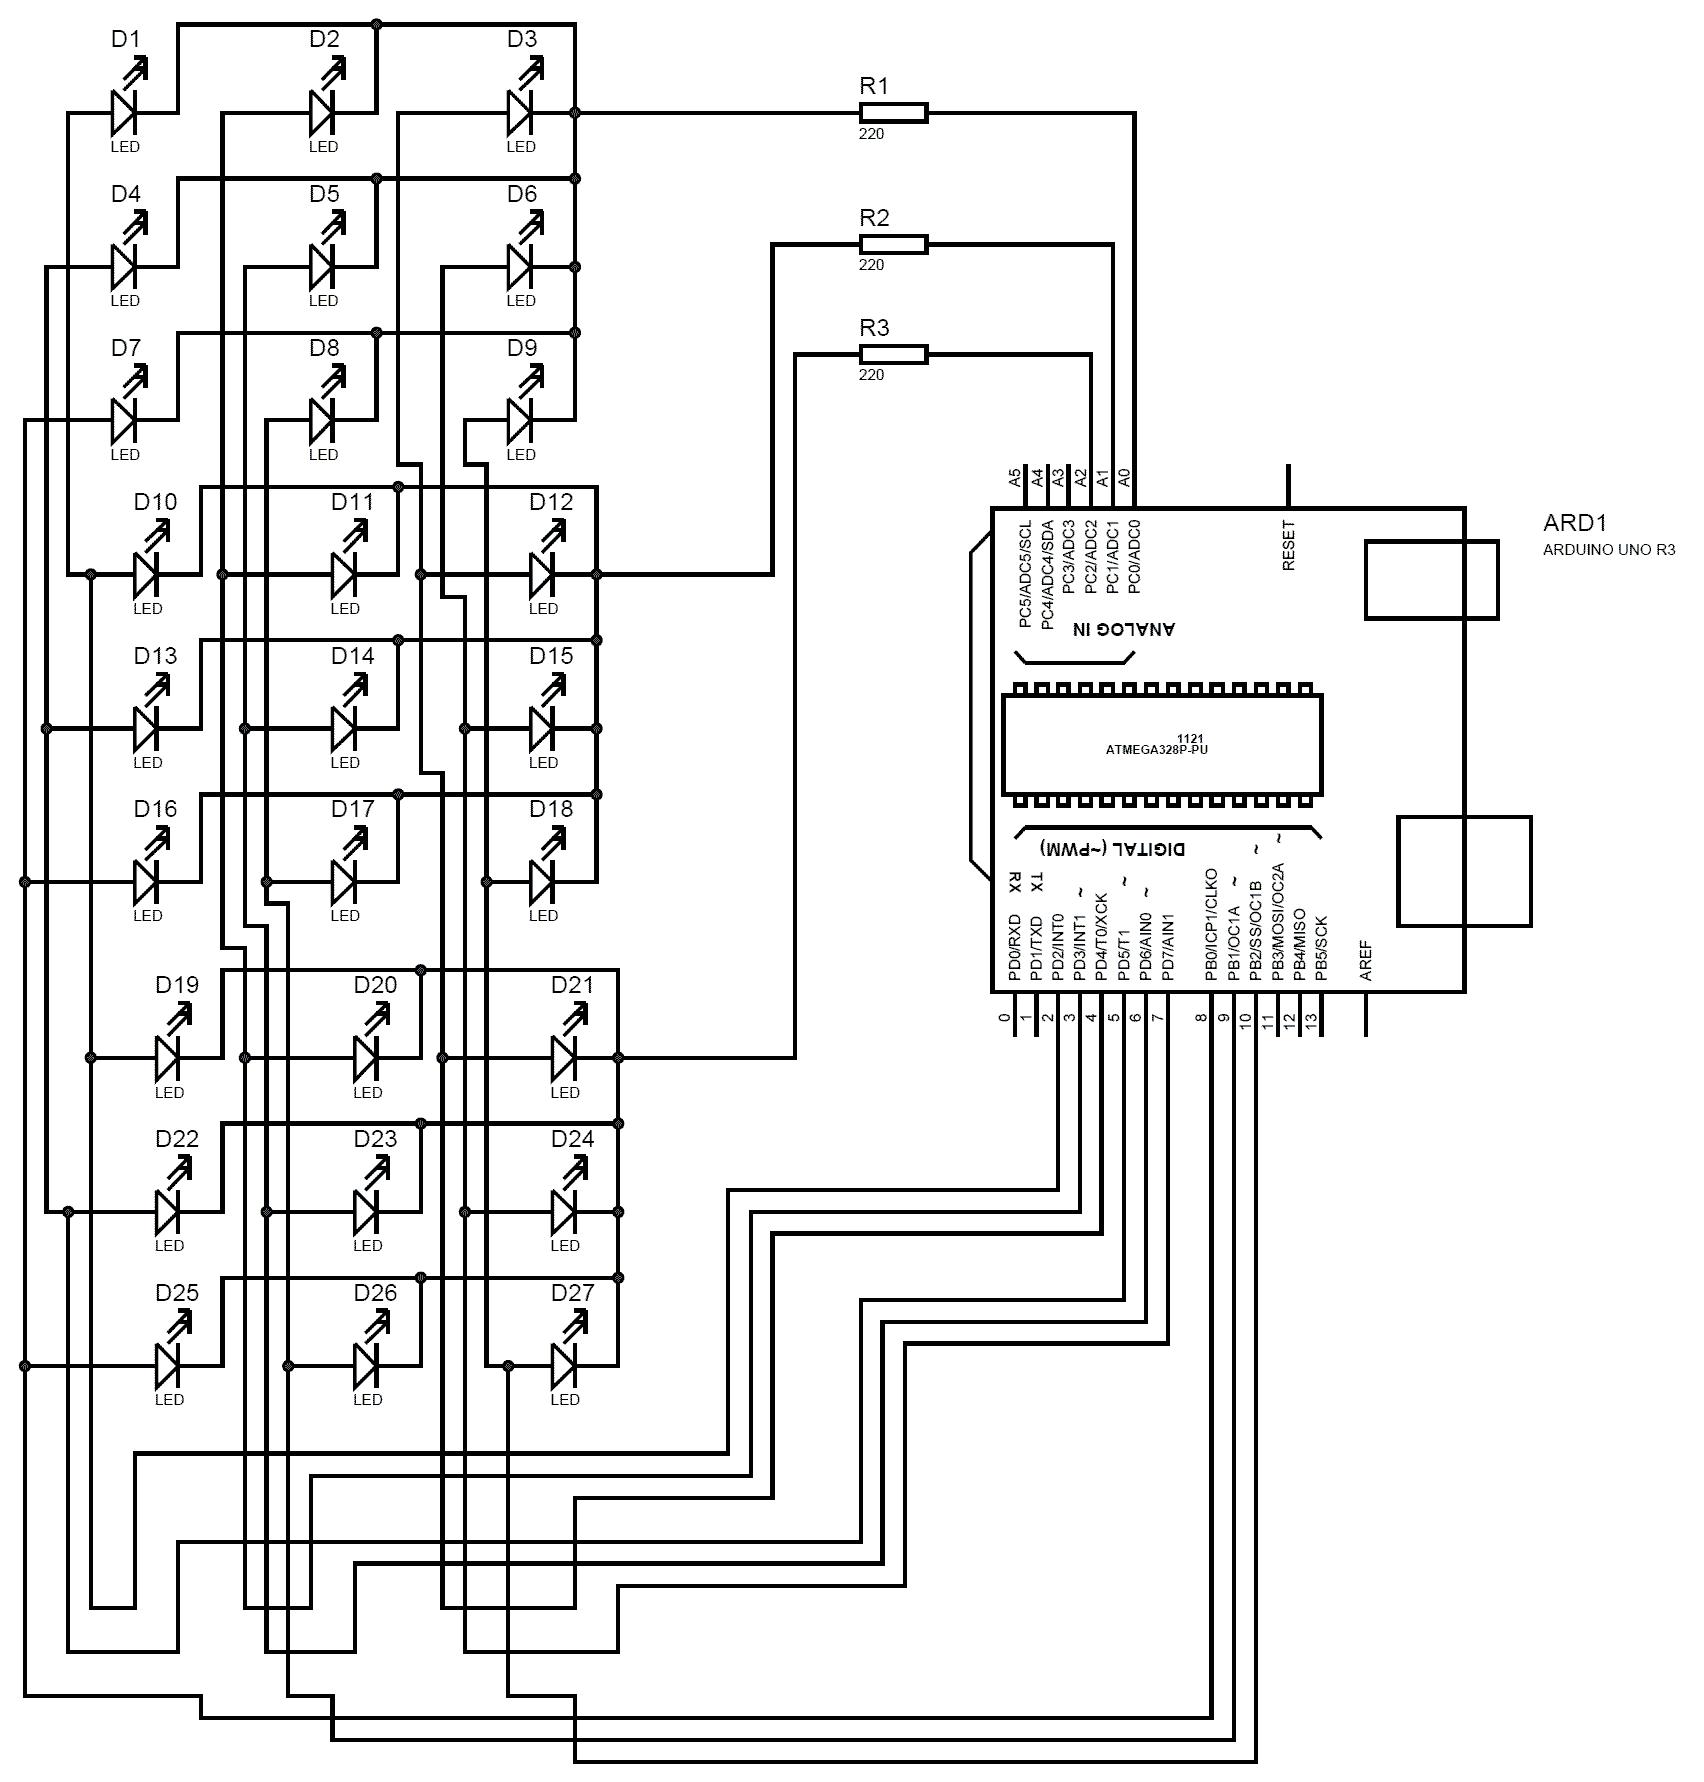 Схема светодиодного куба 3х3х3 на Arduino Uno